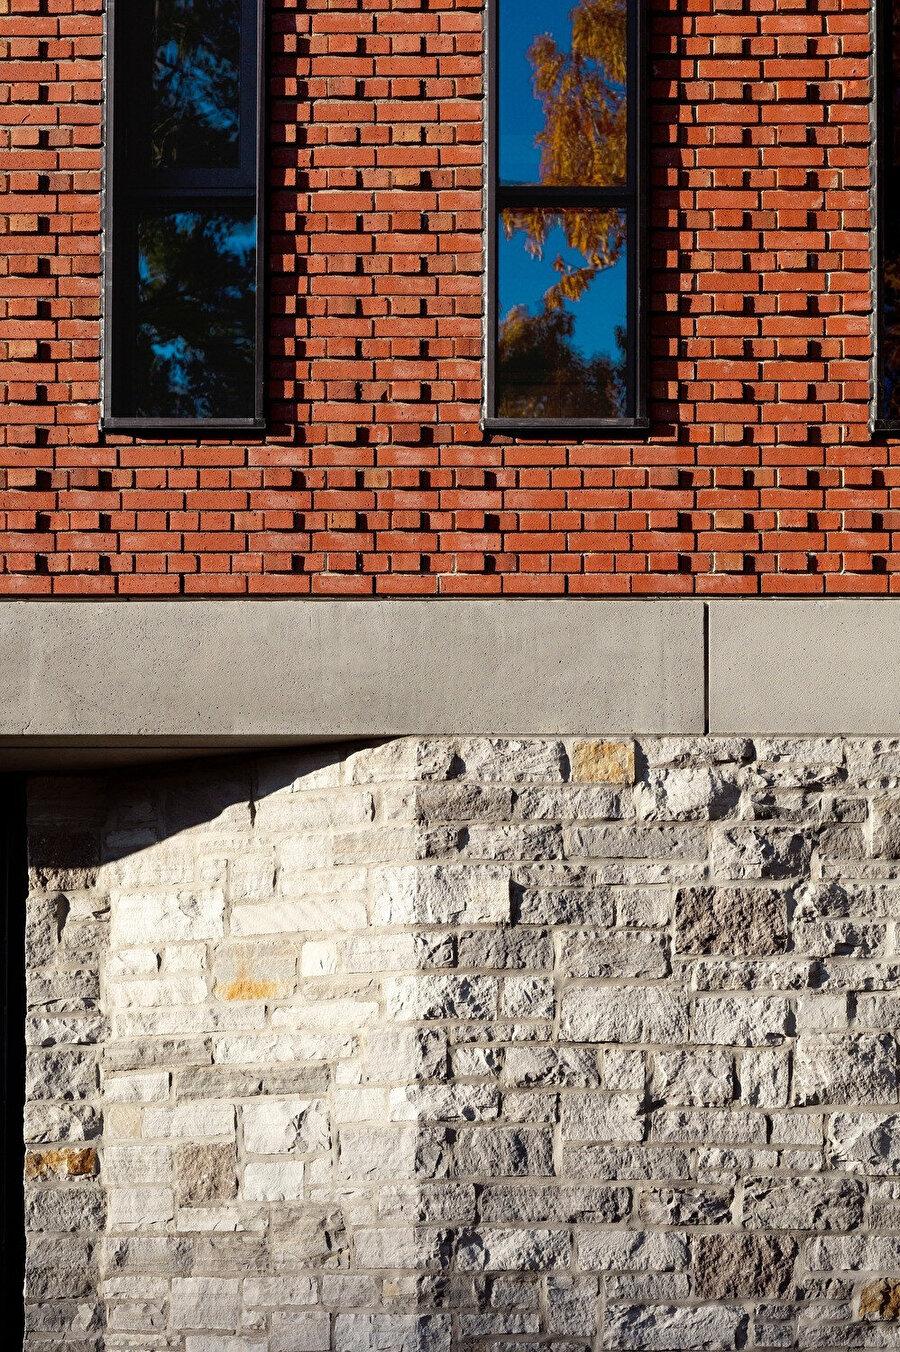 Tasarımın cephesinde tuğla, beton ve taş kullanılıyor.